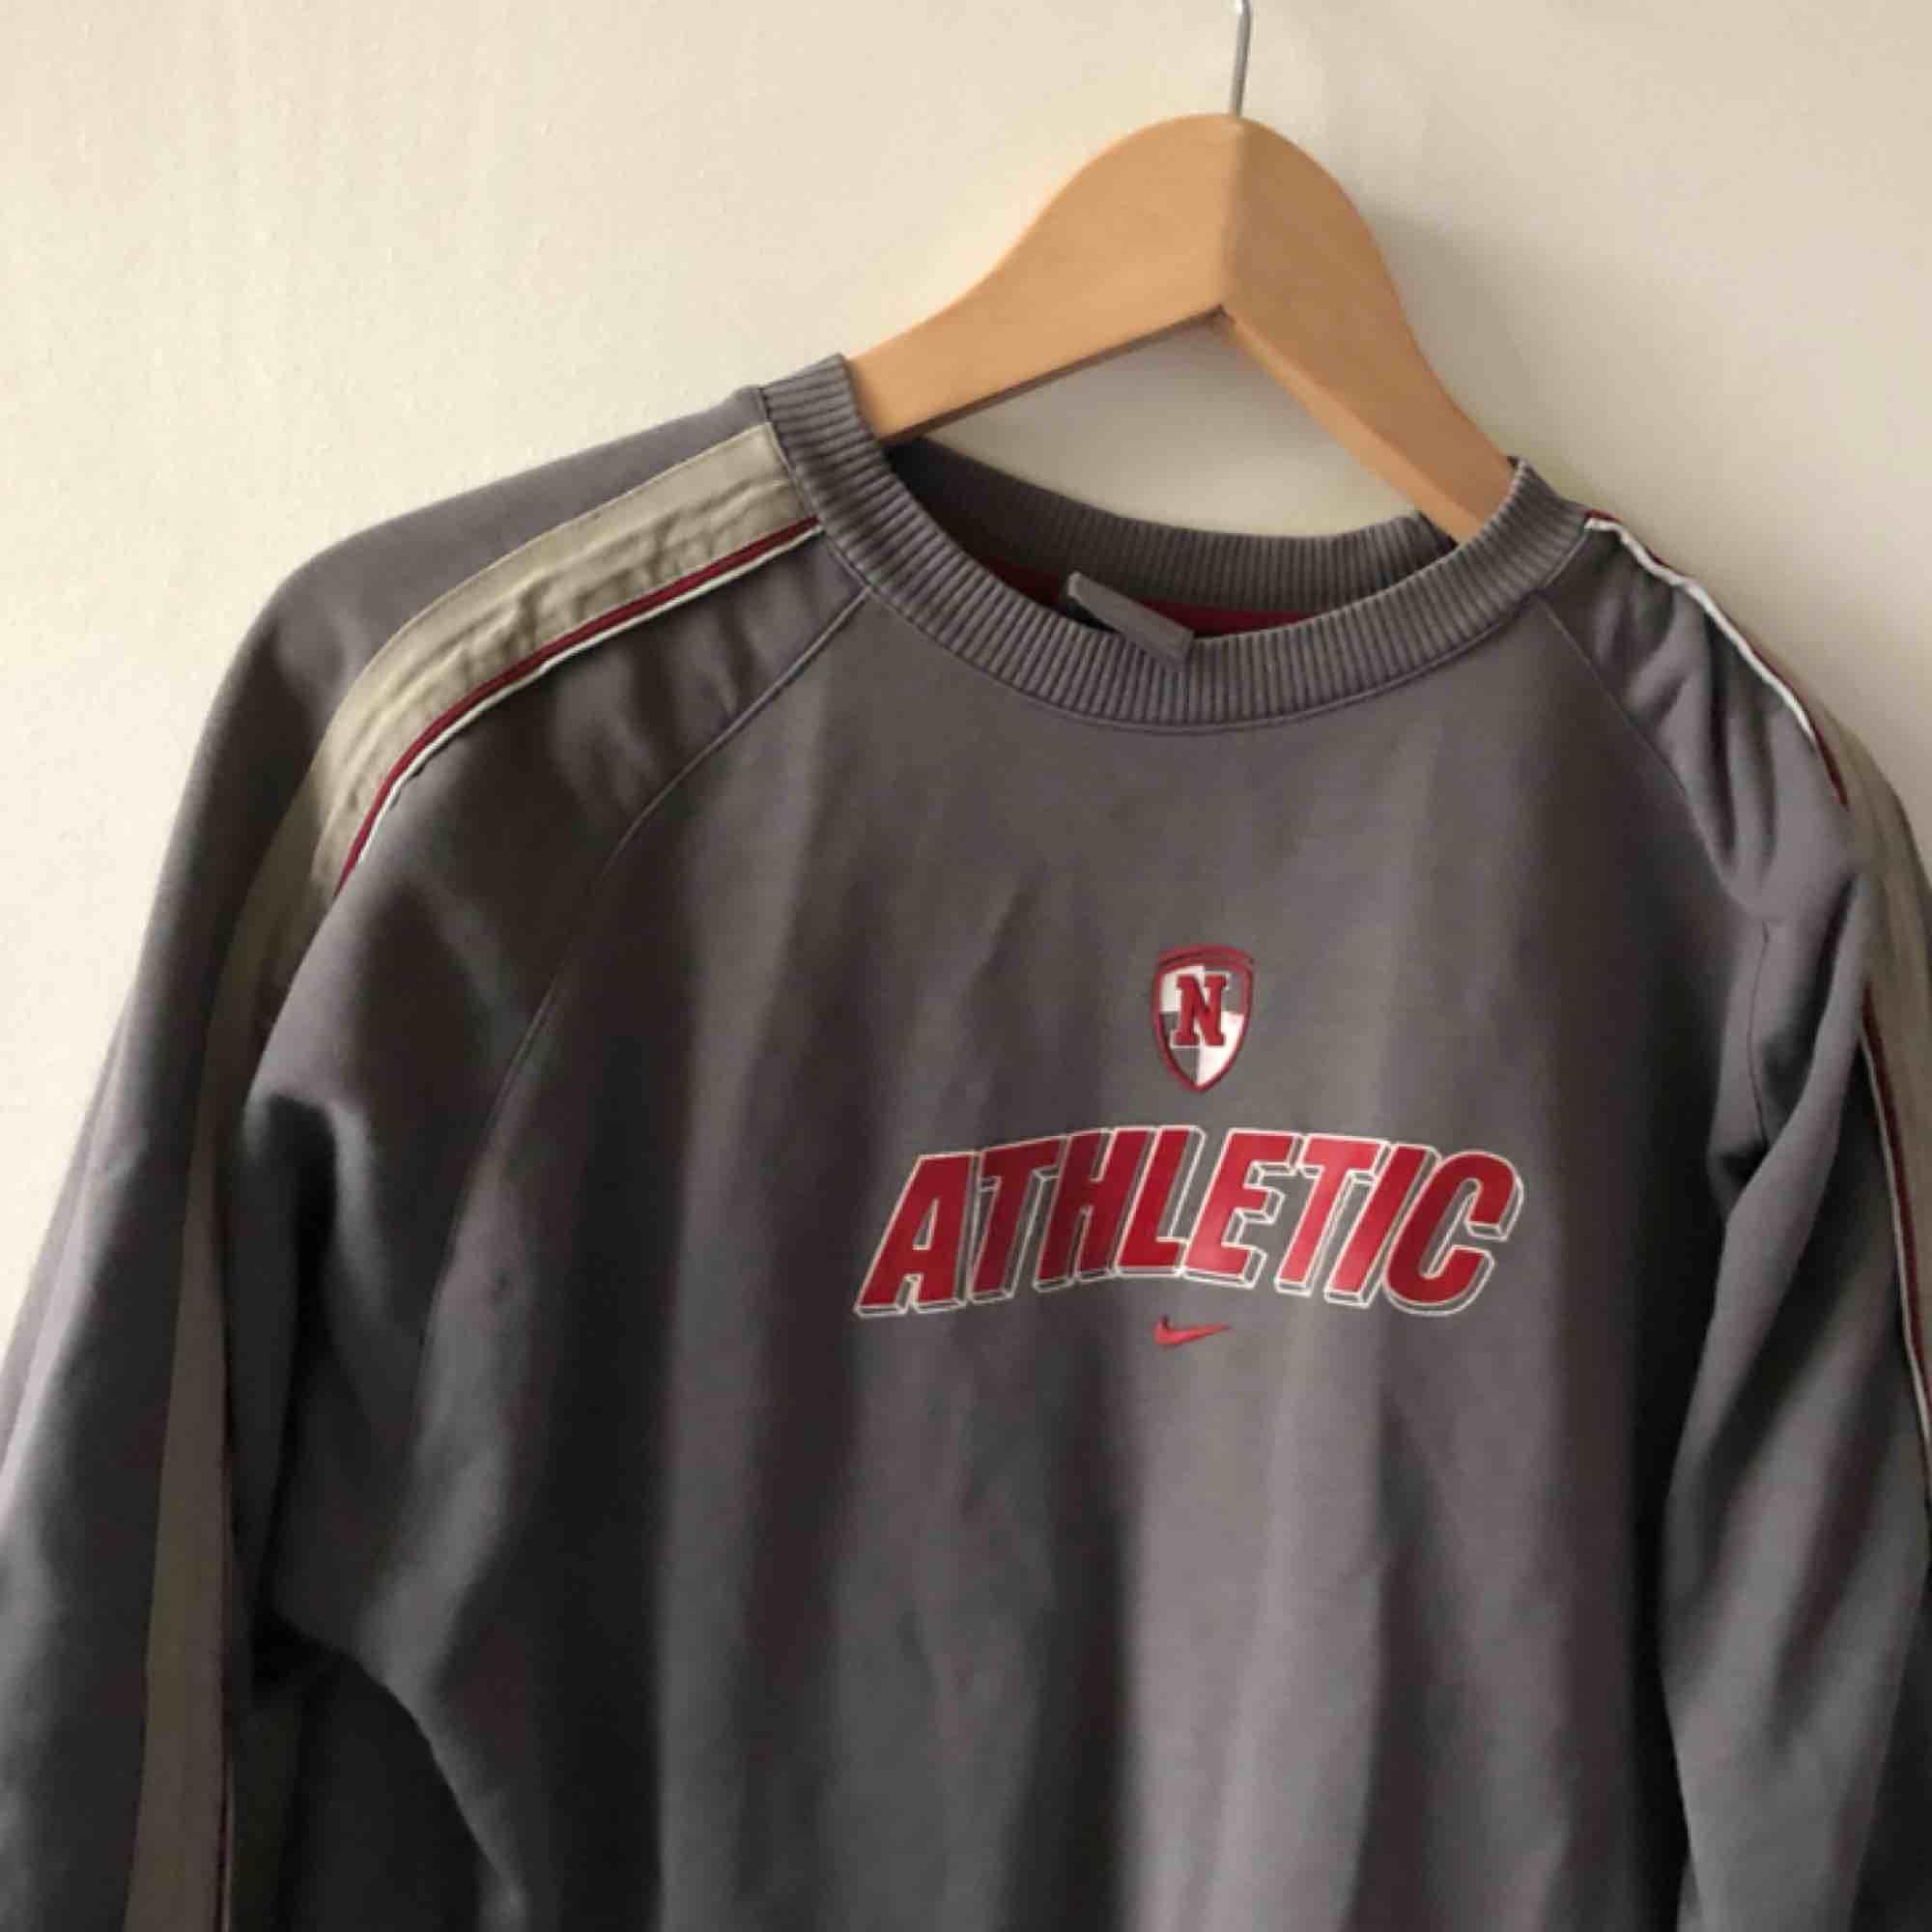 Vintage Nike - Snyggt urtvättad, bra skick på trycket. Kan hämtas i Uppsala eller skickas mot fraktkostnad. 152 / 164 på lappen sitter som small. Huvtröjor & Träningströjor.